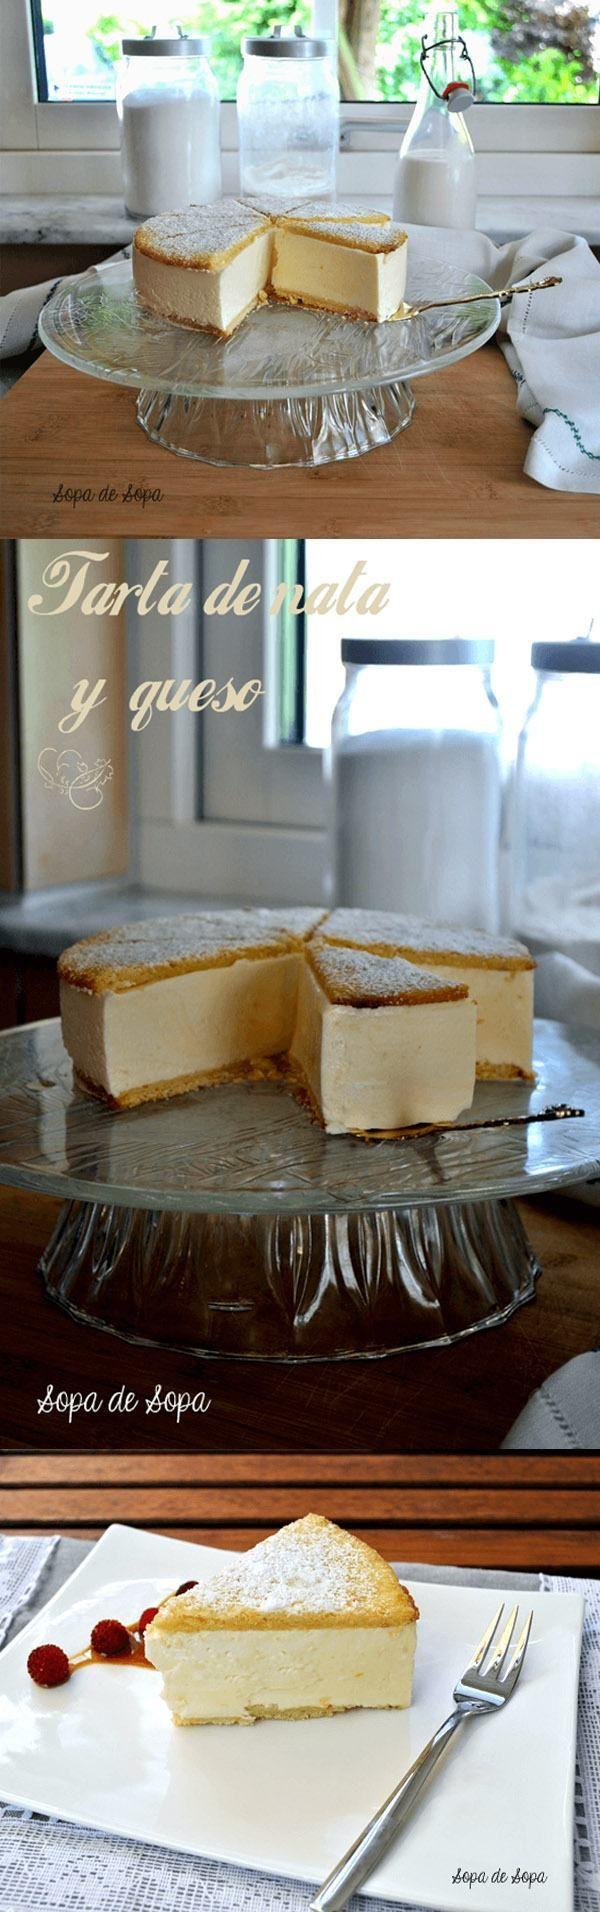 Tarta de queso y nata, con base de galleta, y relleno de requesón, leche, gelatina y nata.